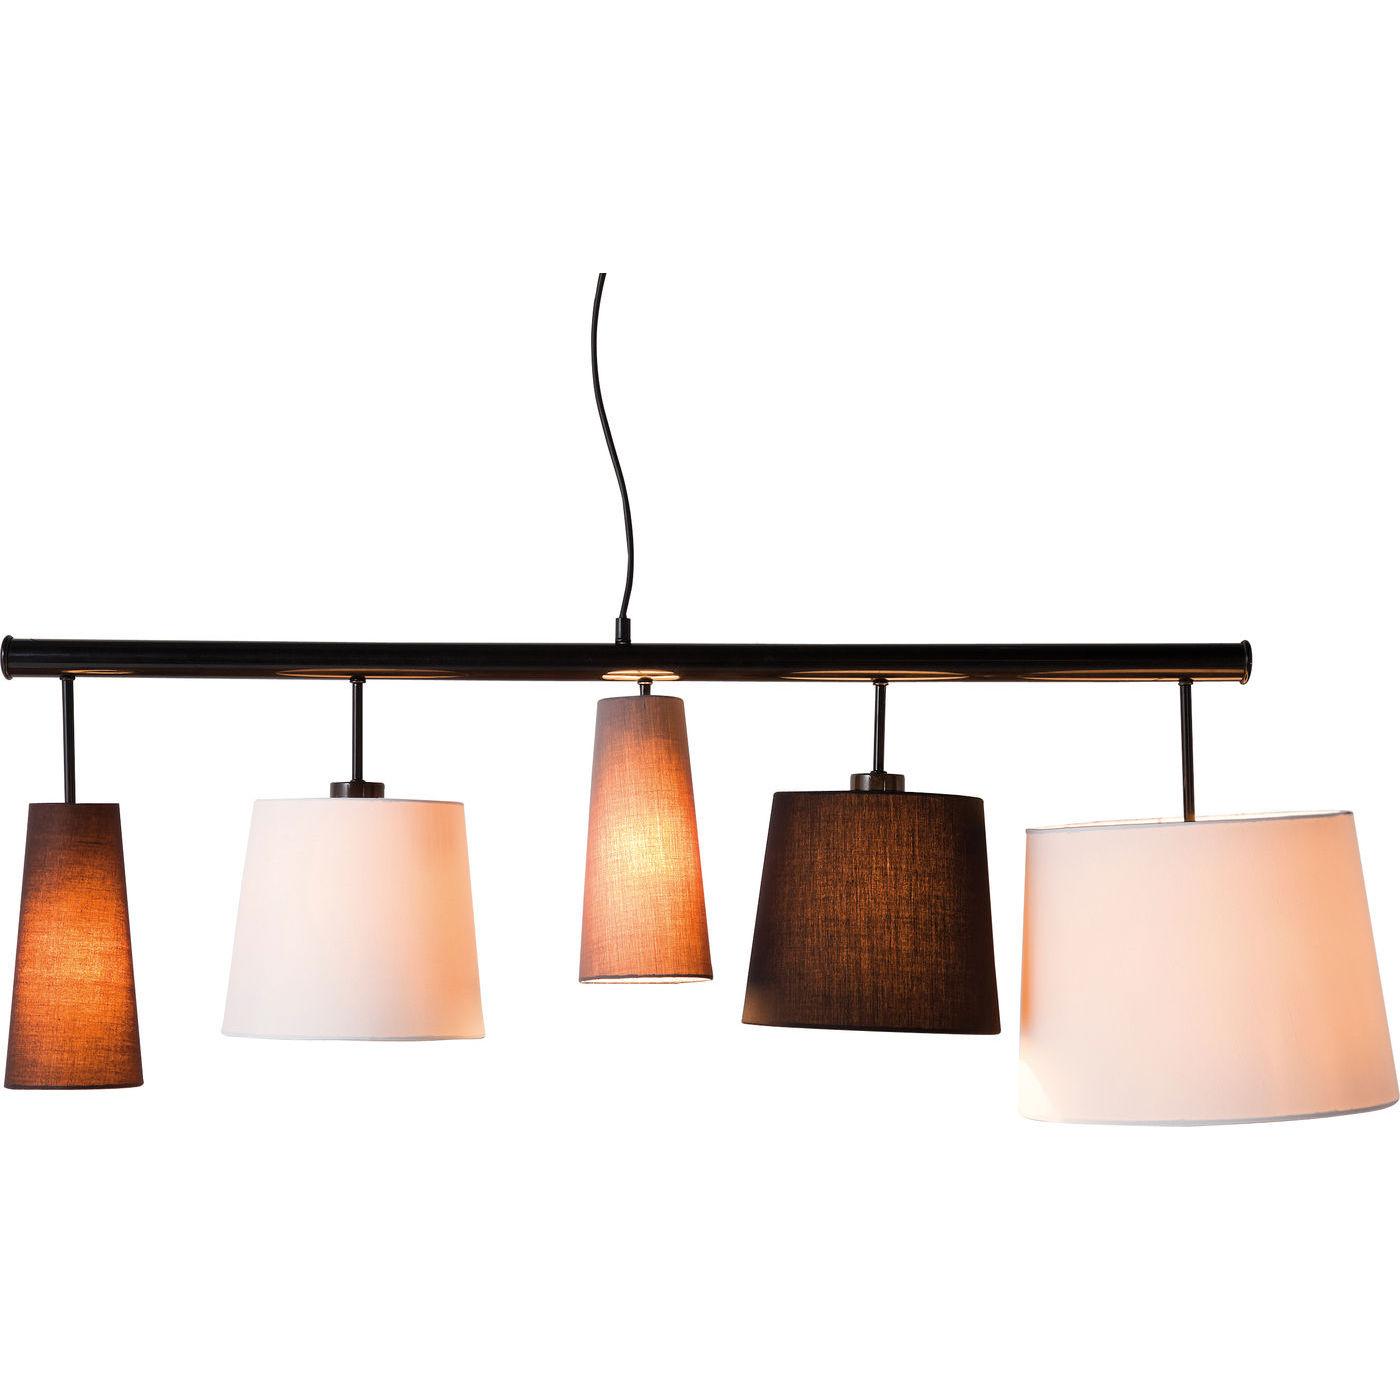 Billede af Kare Design Loftslampe, Parecchi Black